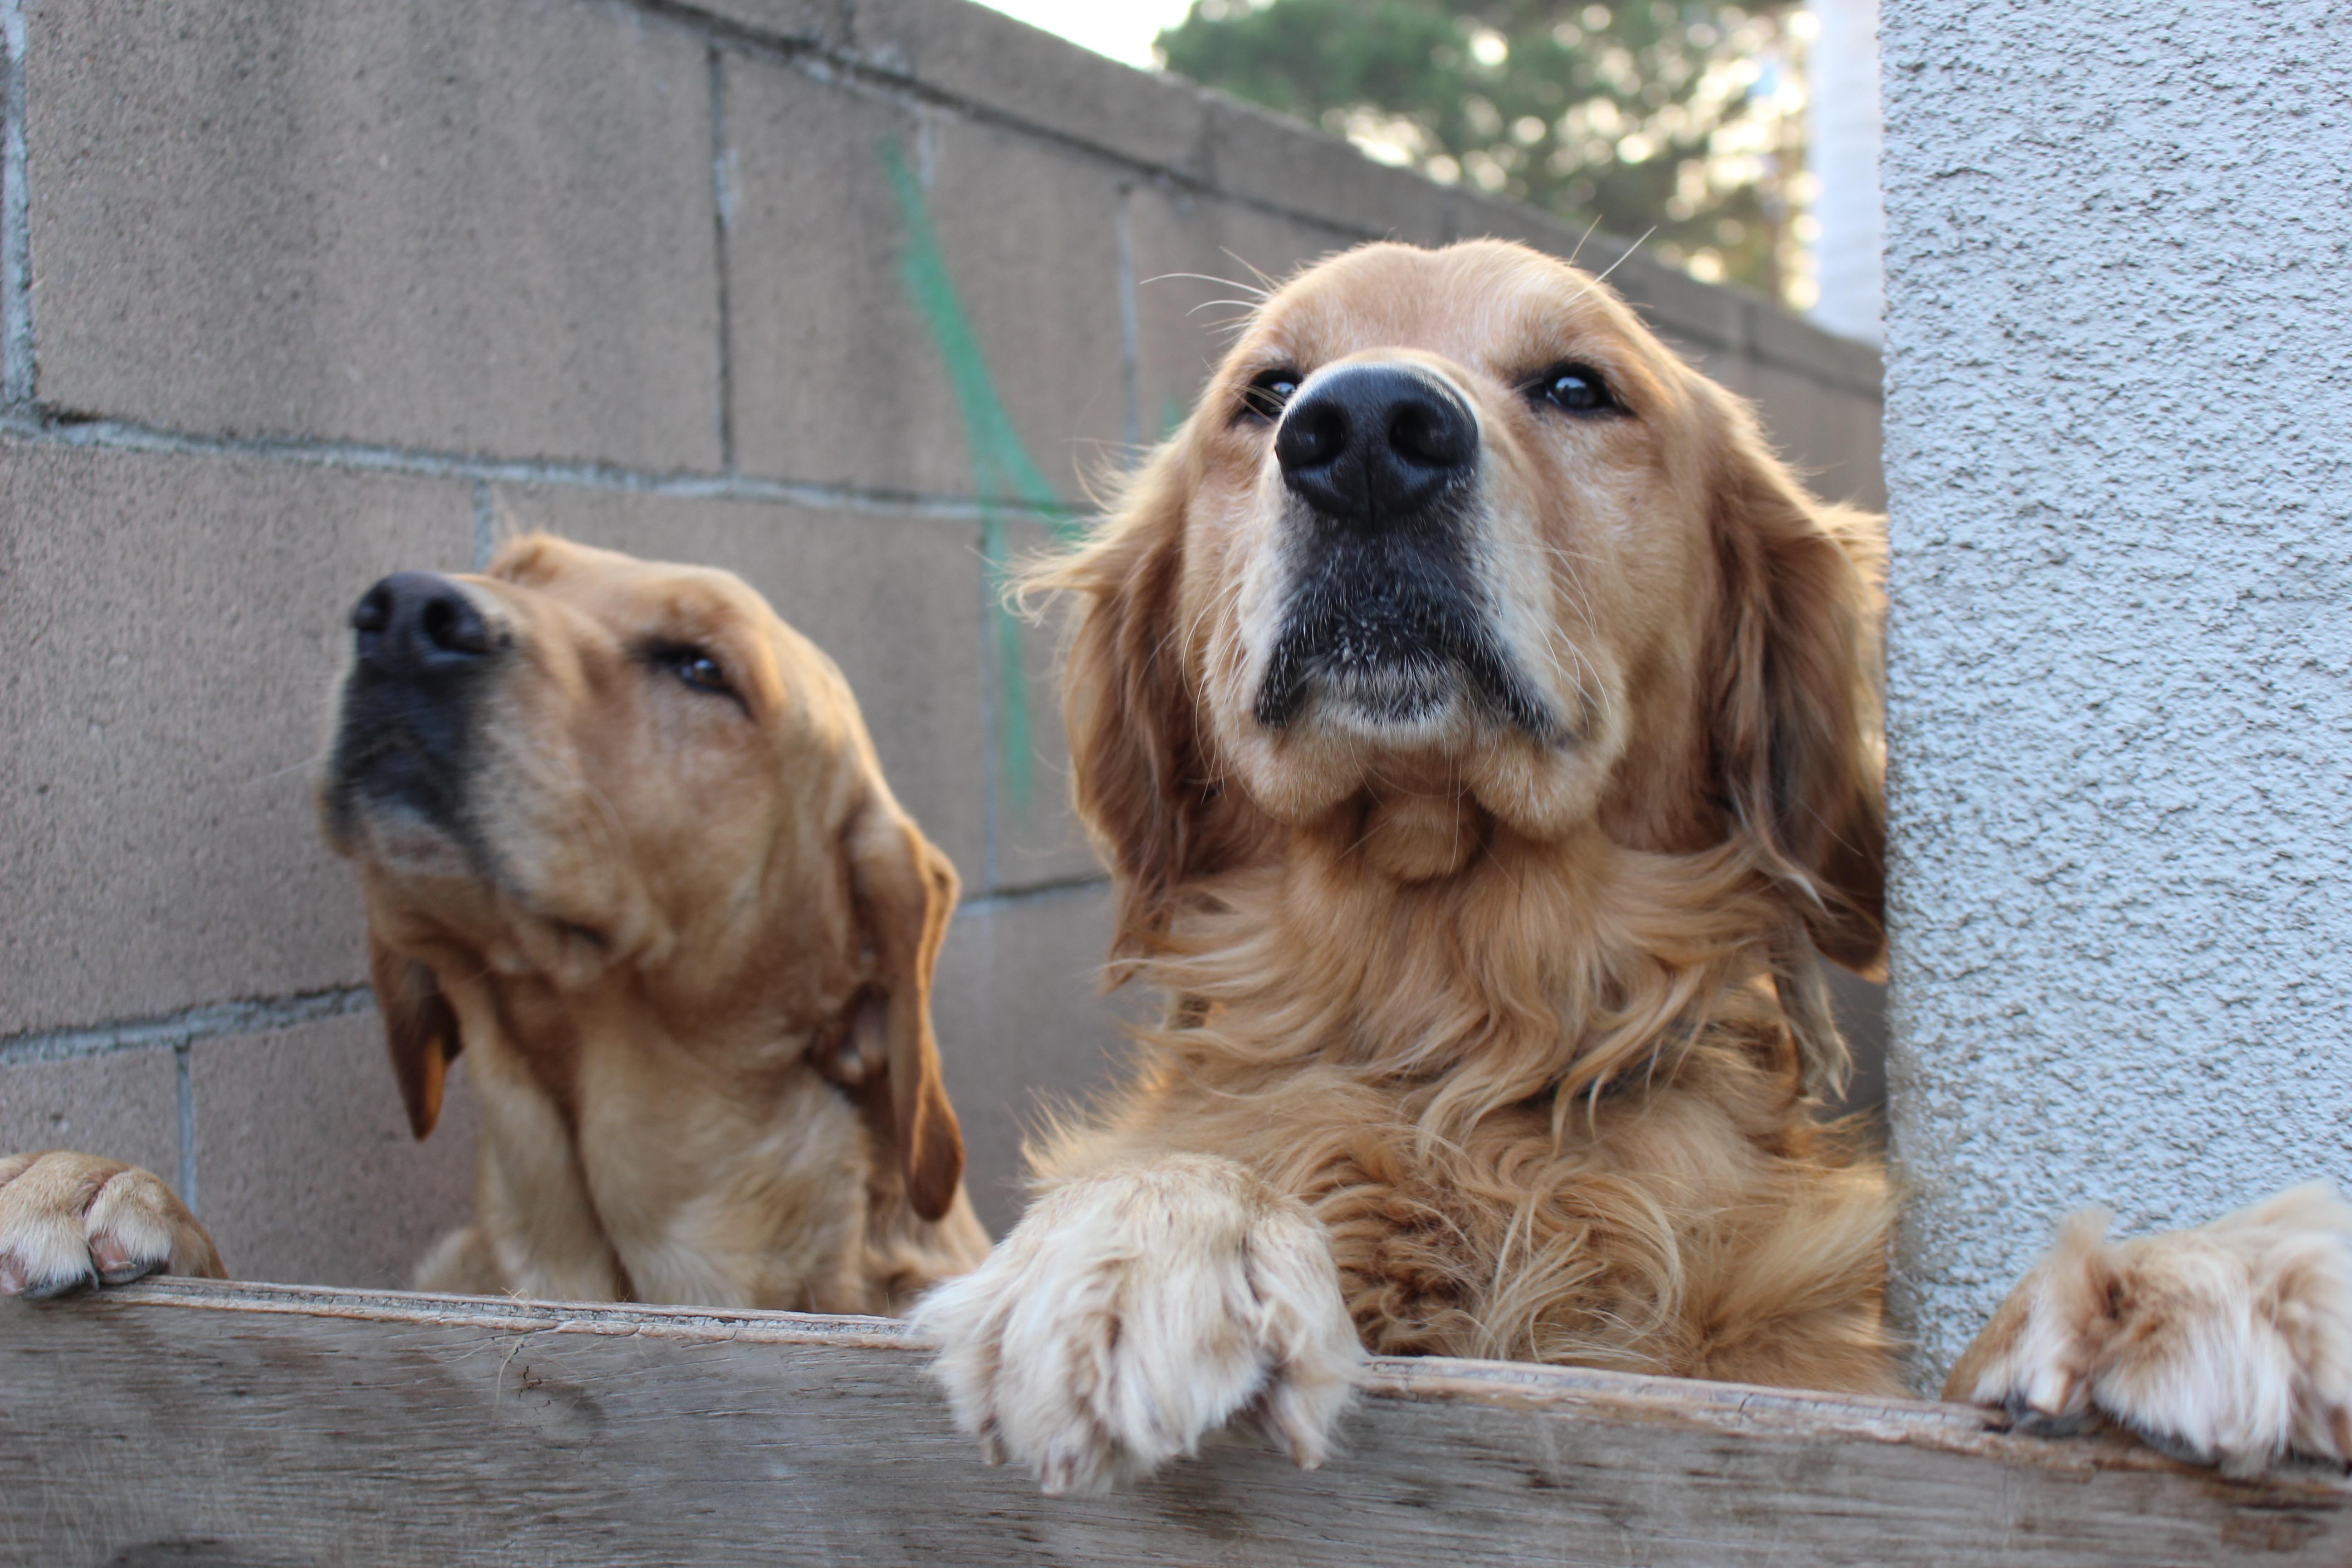 Puppies Breeds Medium Labrador Retriever Puppies Breeds Medium In 2020 Labrador Retriever Puppies Golden Retriever Puppy Breeds